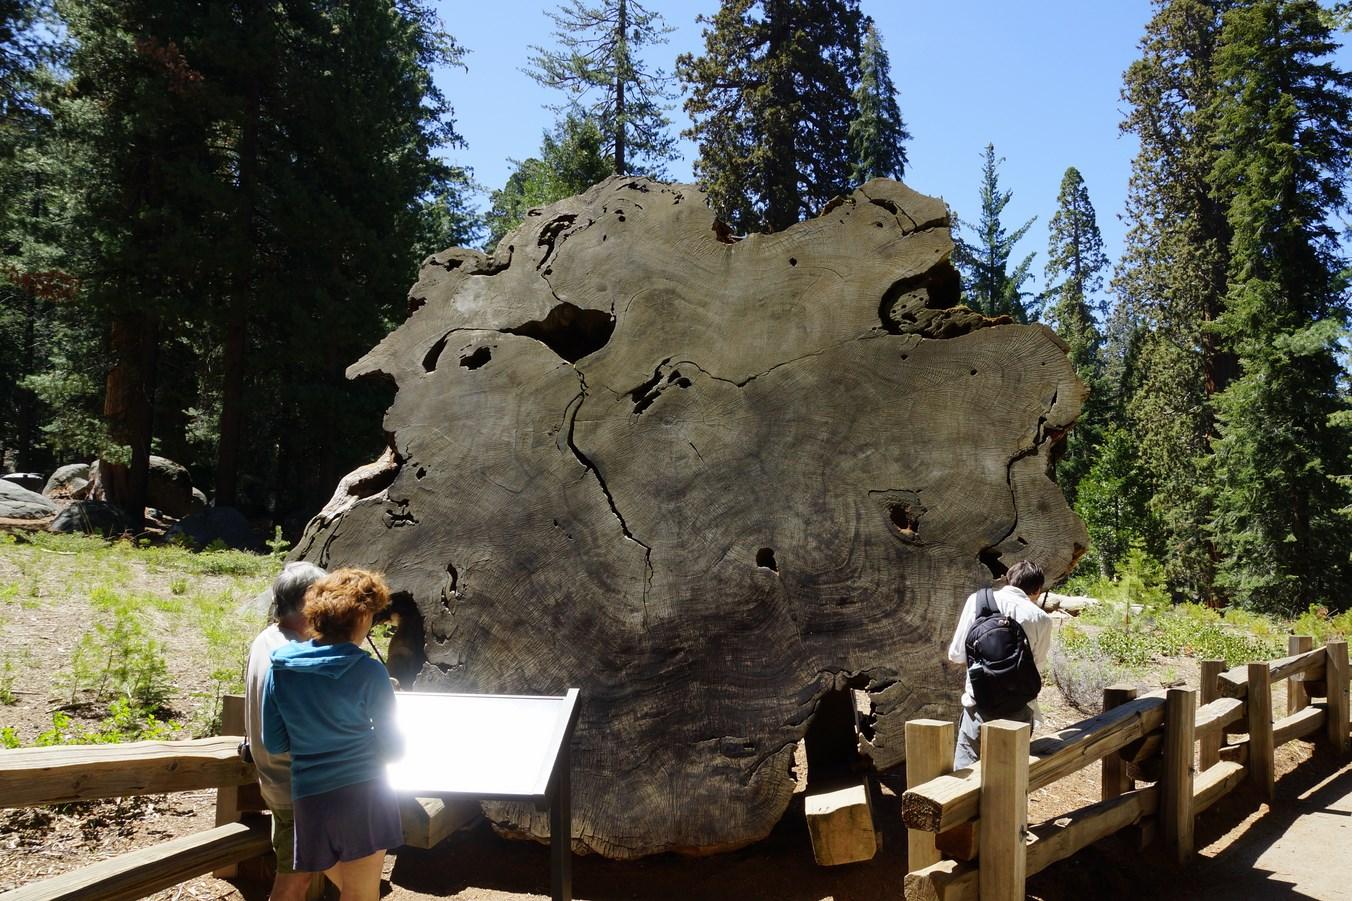 Le tronc d'un sequoia vieux de plus de 2200 ans lorsqu'il a été coupé